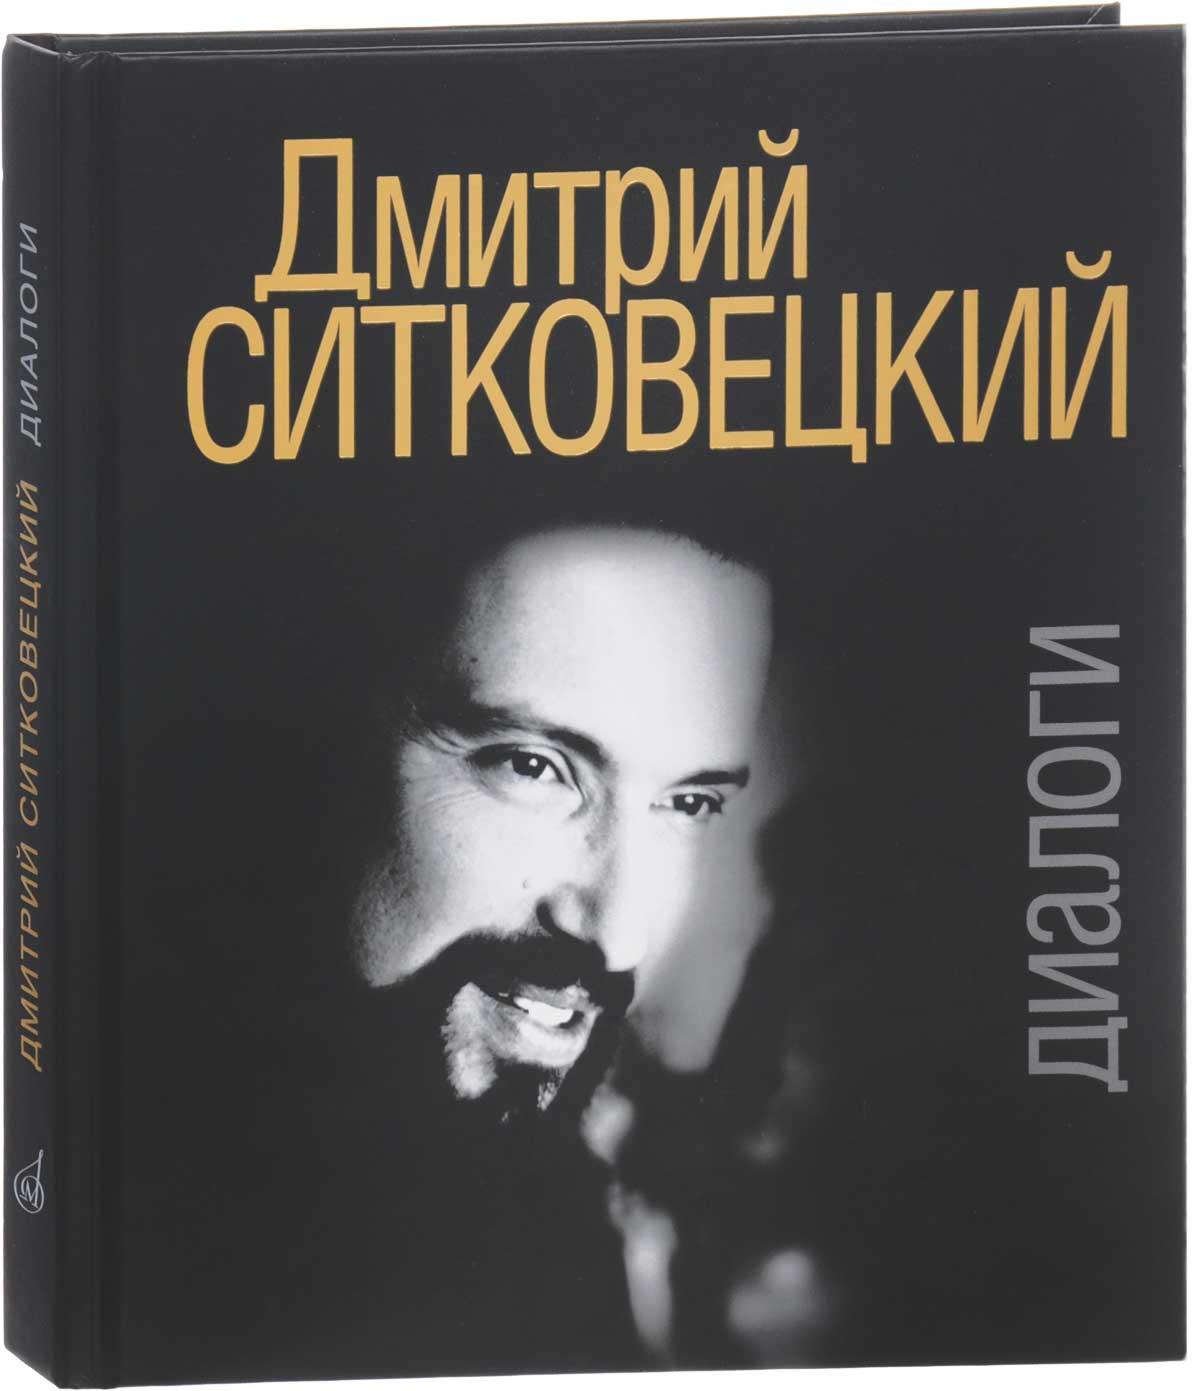 Дмитрий Ситковецкий Дмитрий Ситковецкий. Диалоги